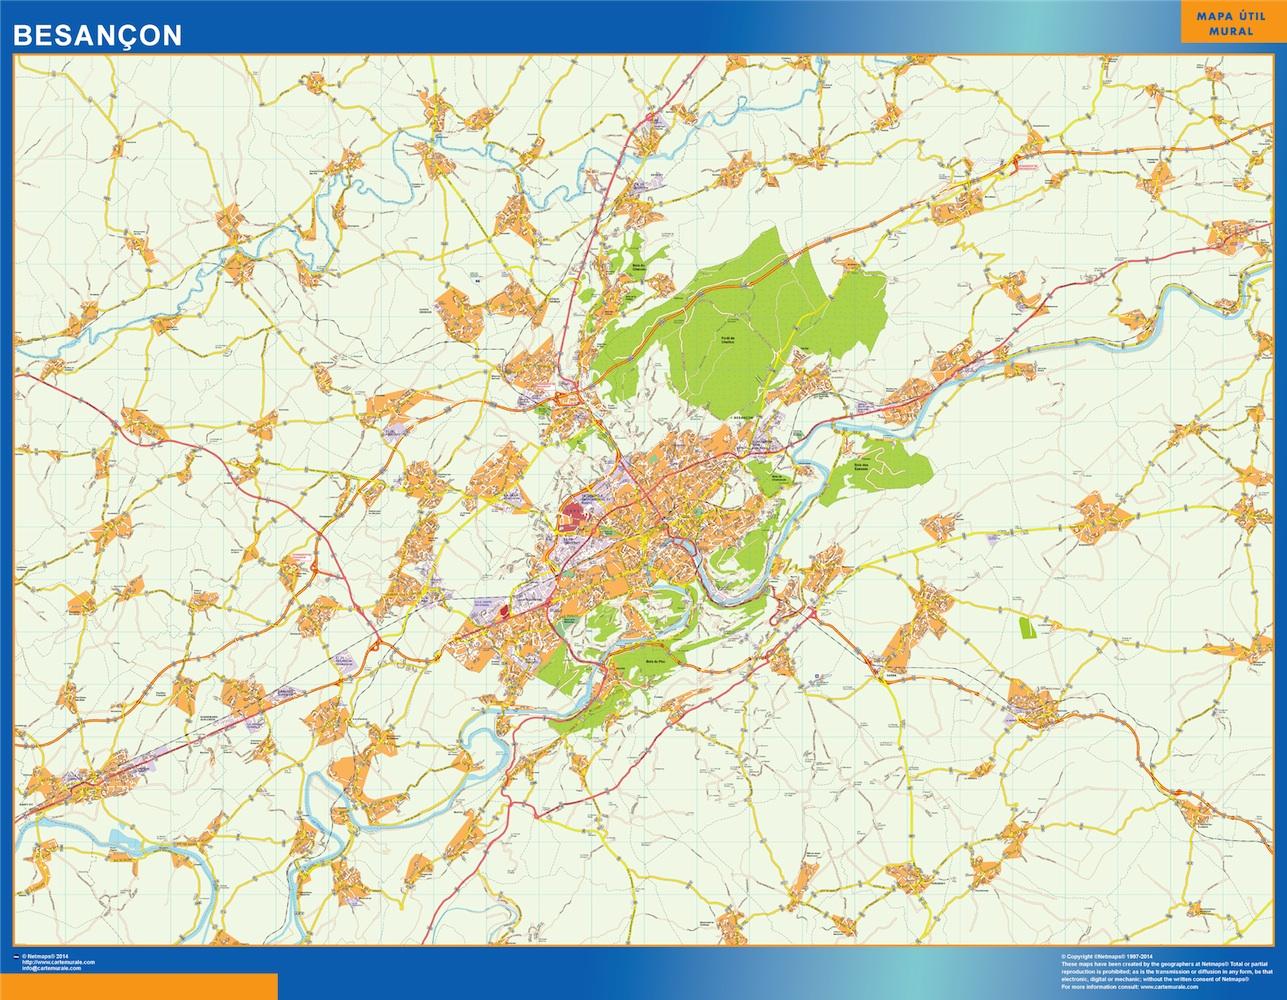 Mapa Besancon en Francia plastificado gigante